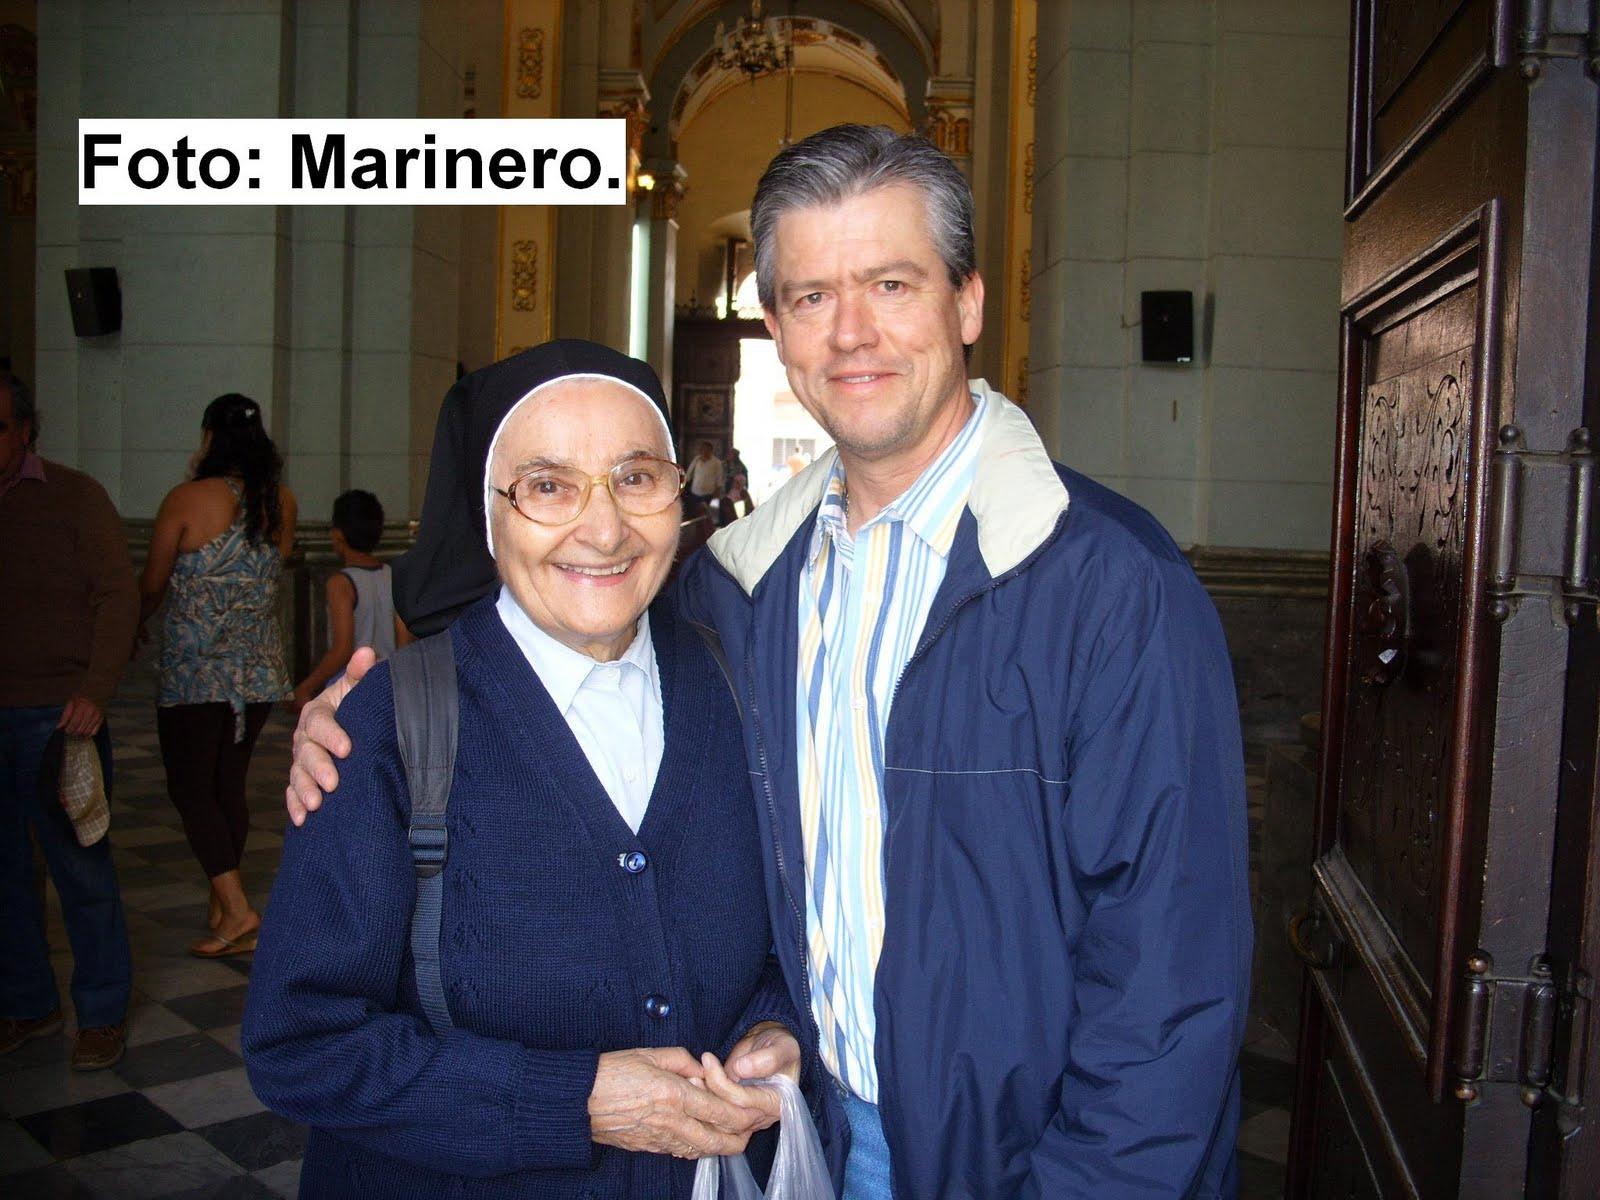 Informativo De Veracruz Transparencia En La Noticia 03 01 2010  # Muebles Buganza